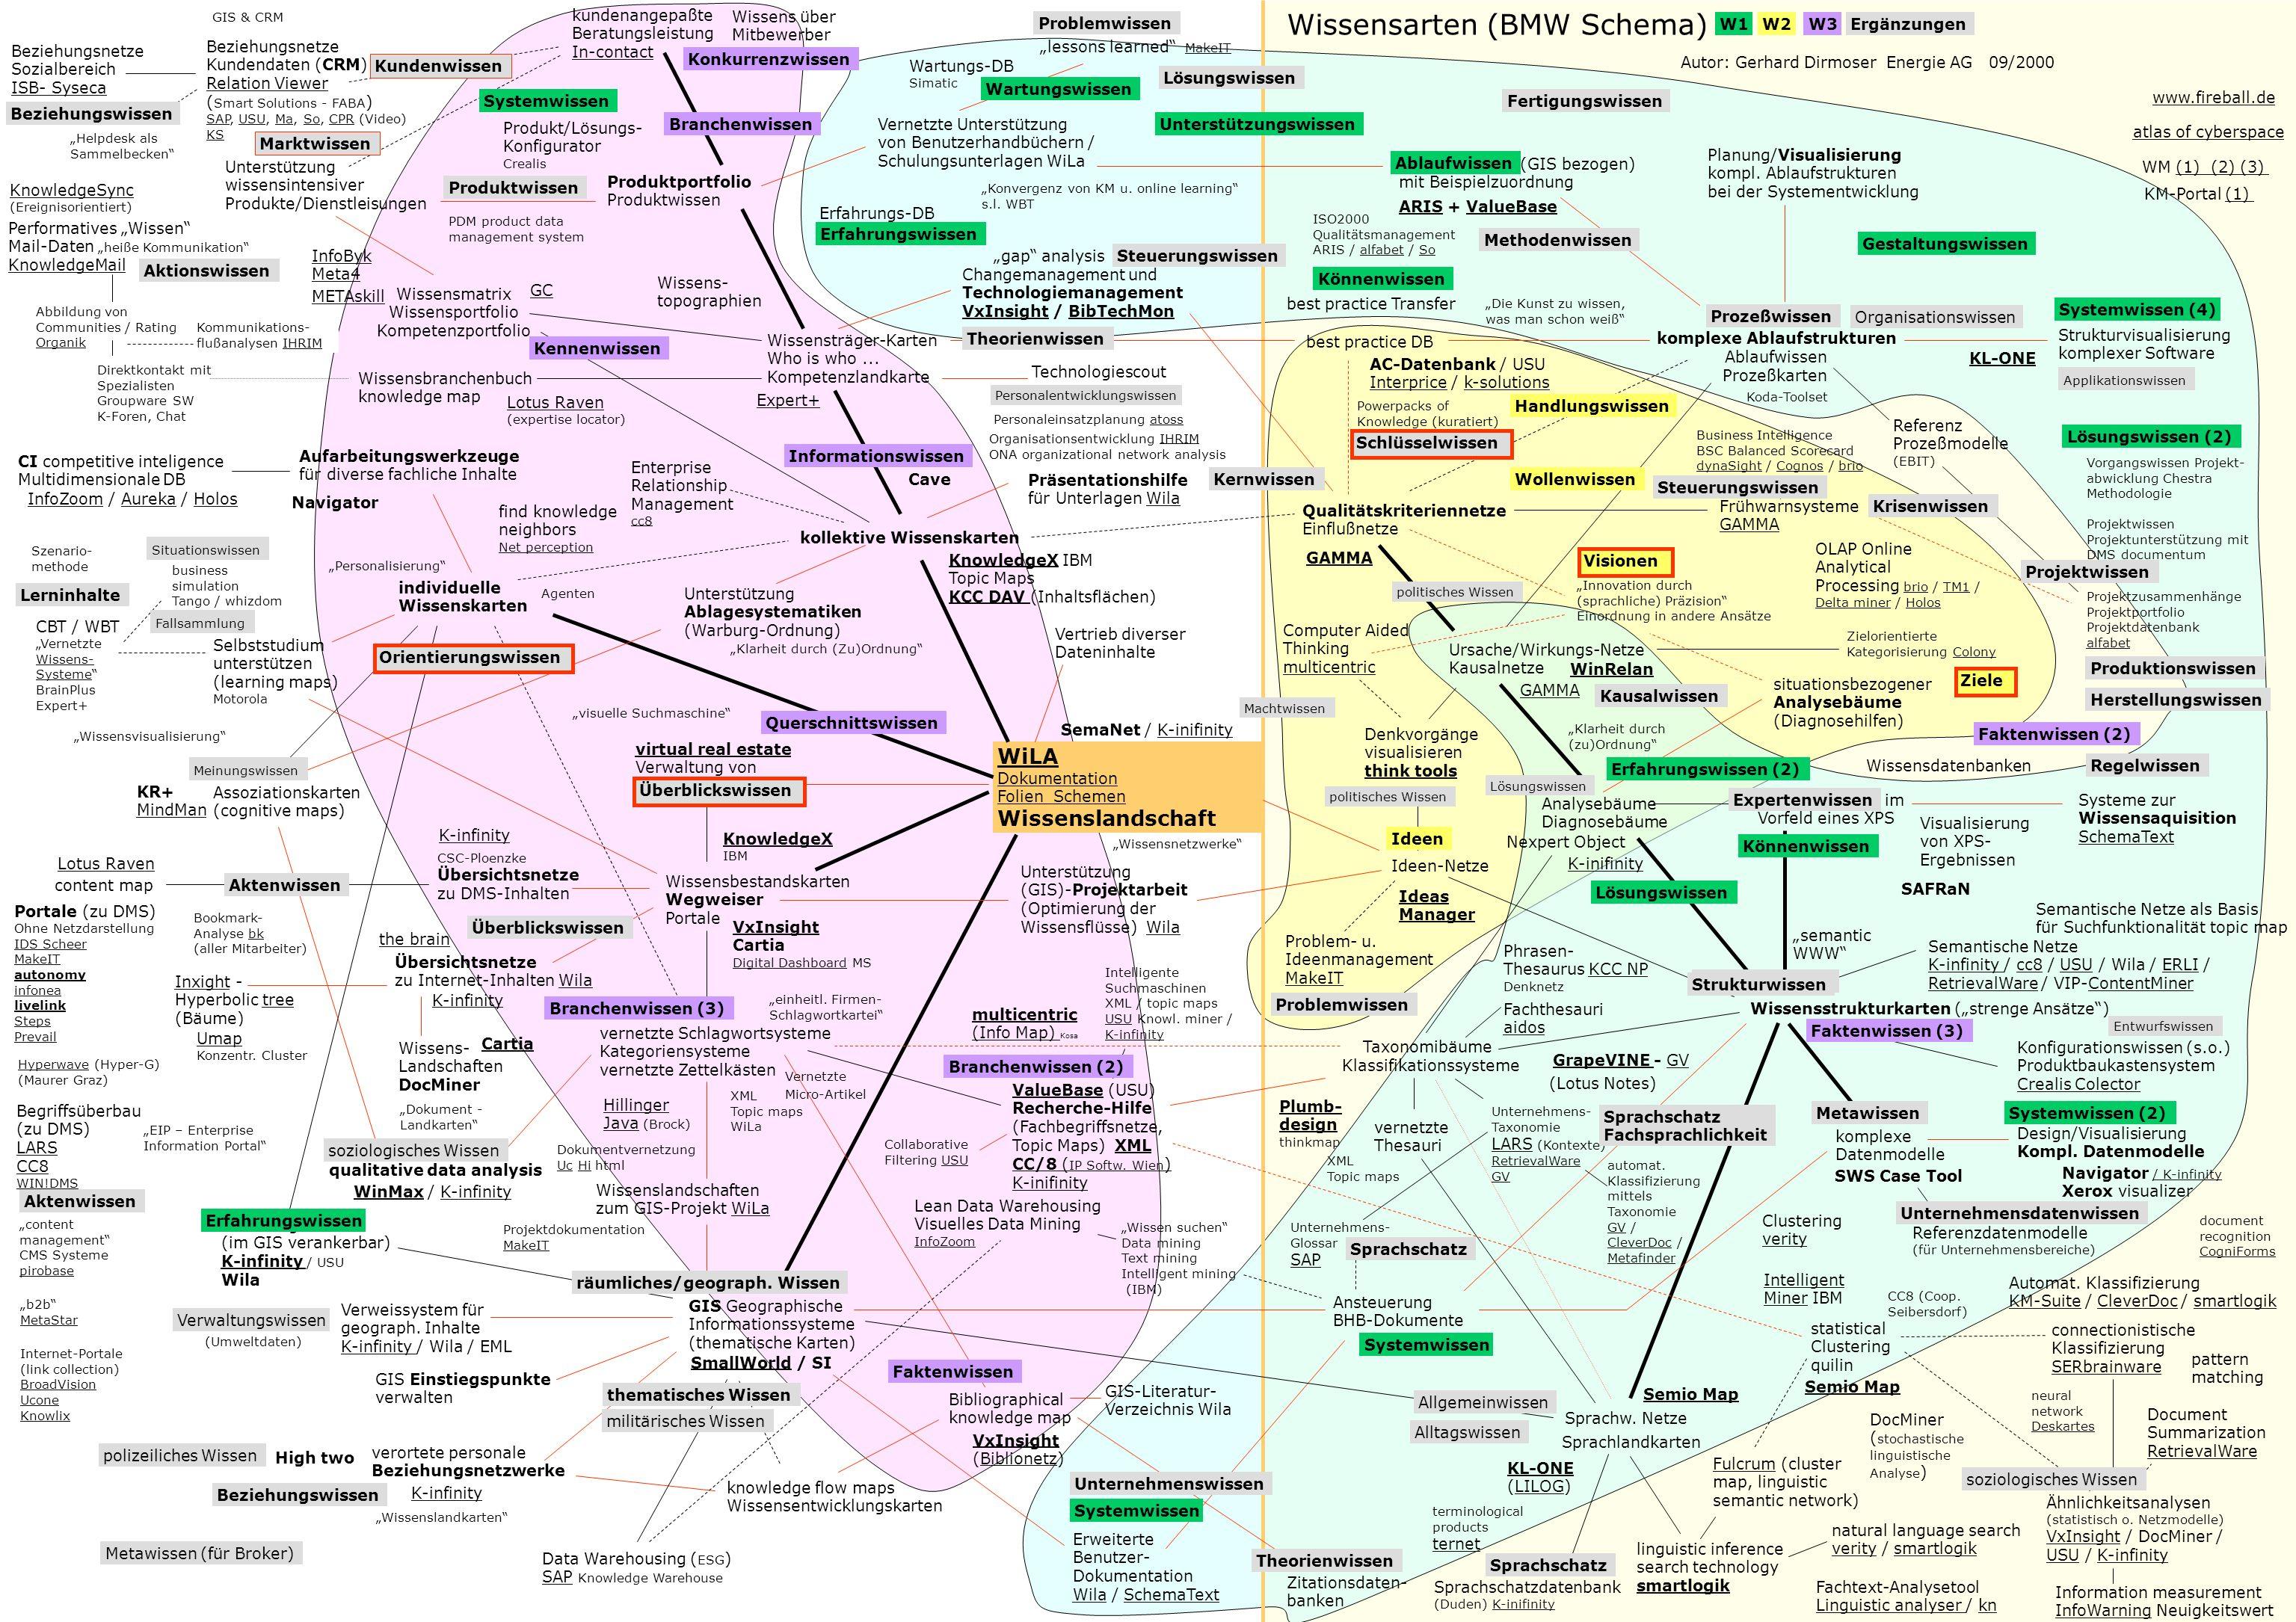 komplexe Ablaufstrukturen